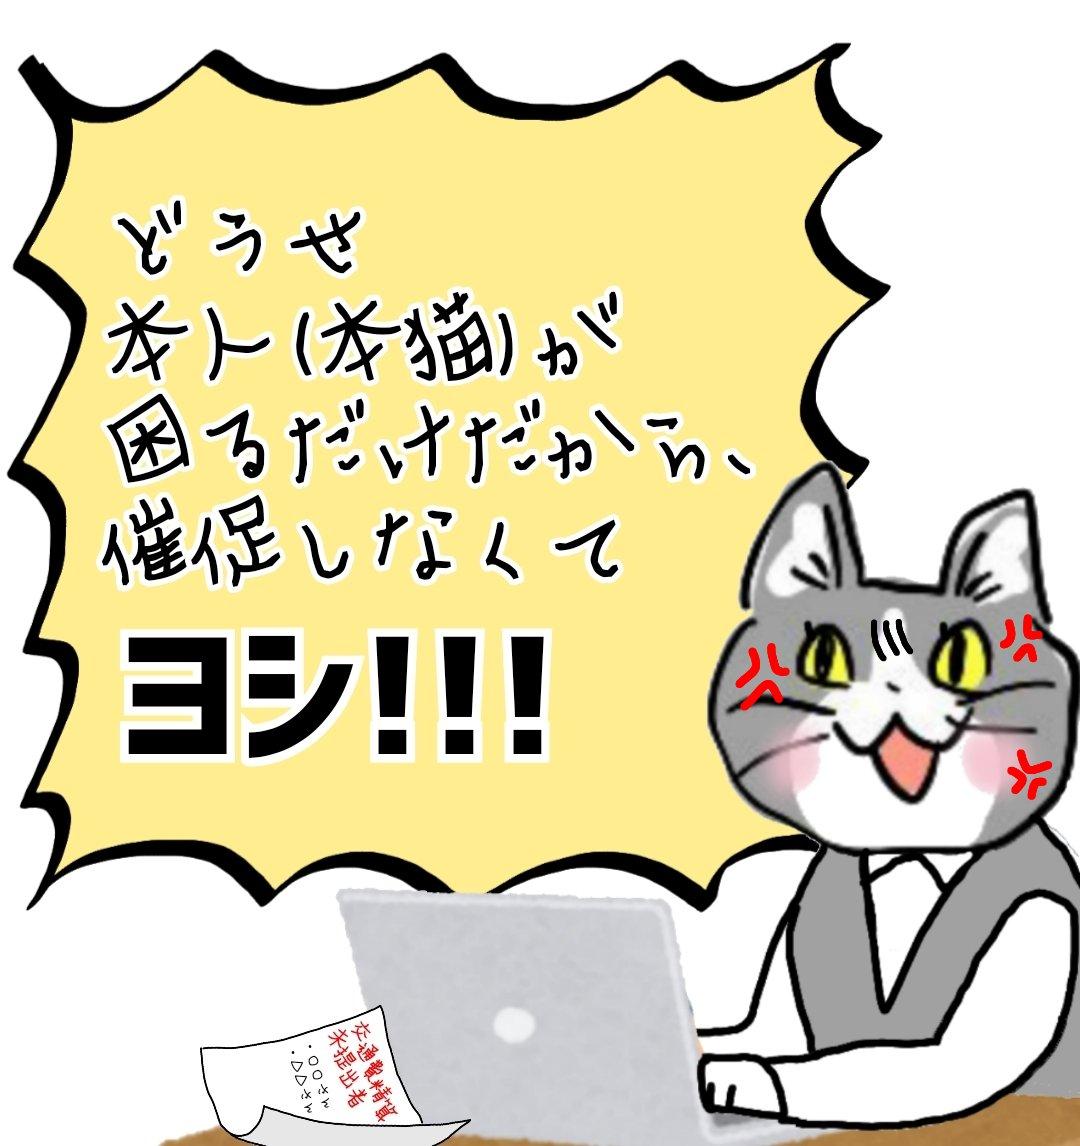 あーあ事務猫さんが見捨てました #現場猫